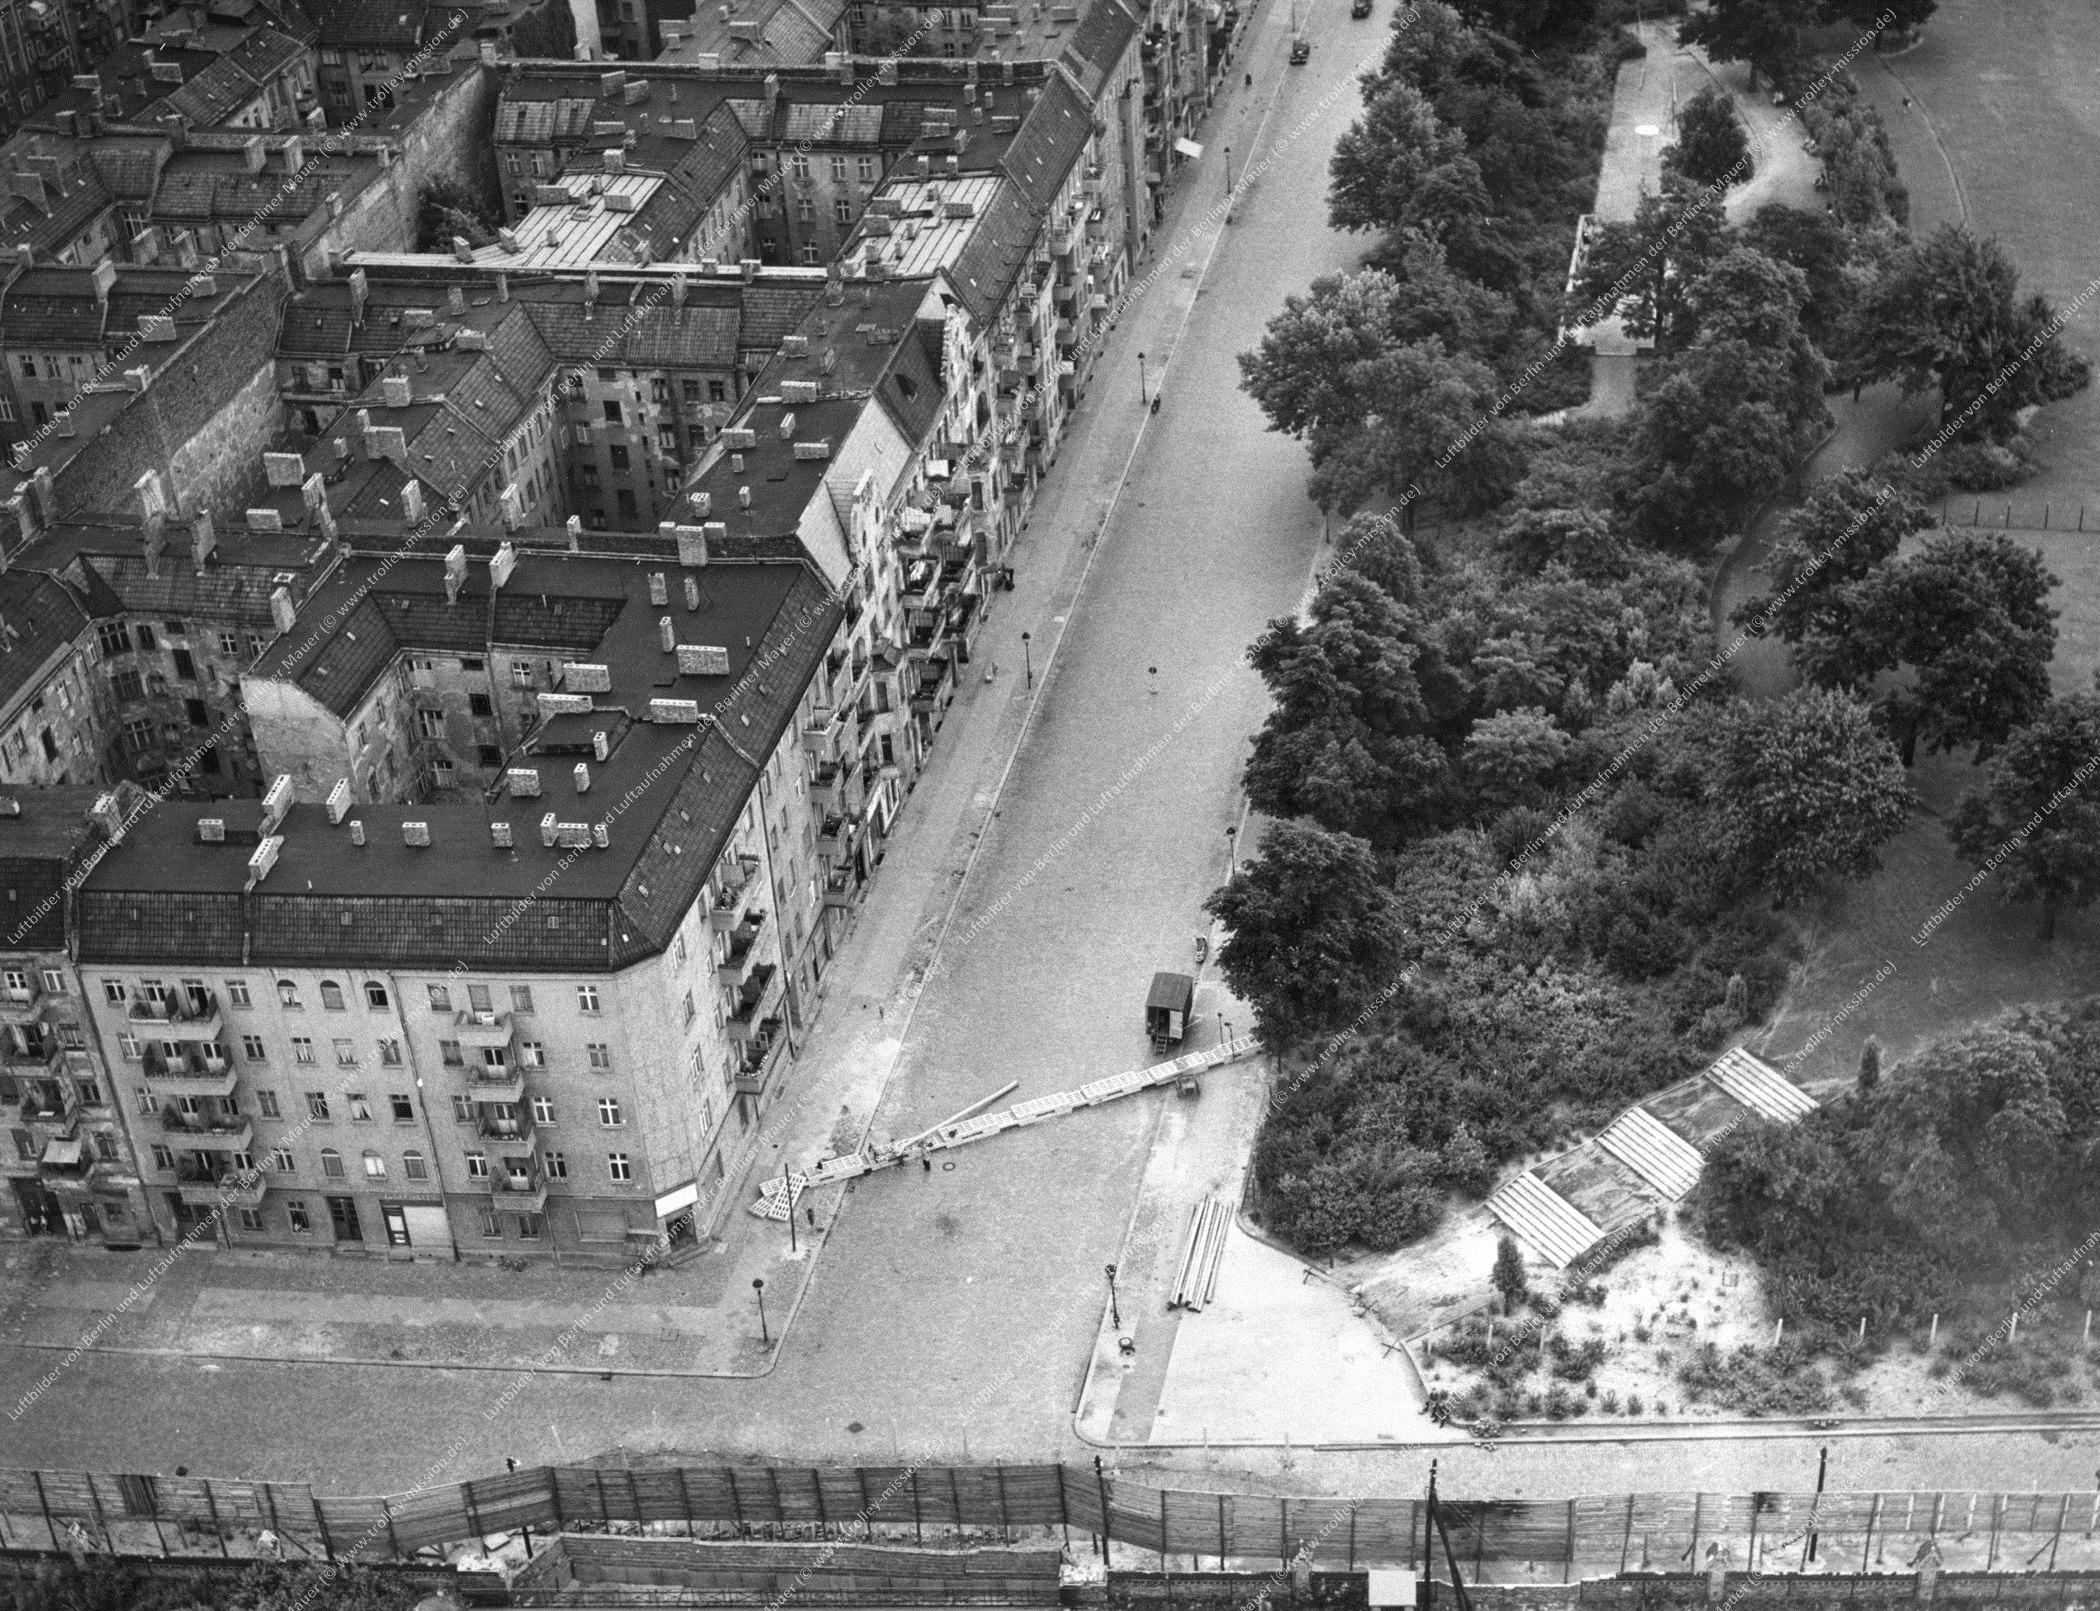 Luftbild Gleimstraße und Schwedter Straße in Ost-Berlin (Bild 035)